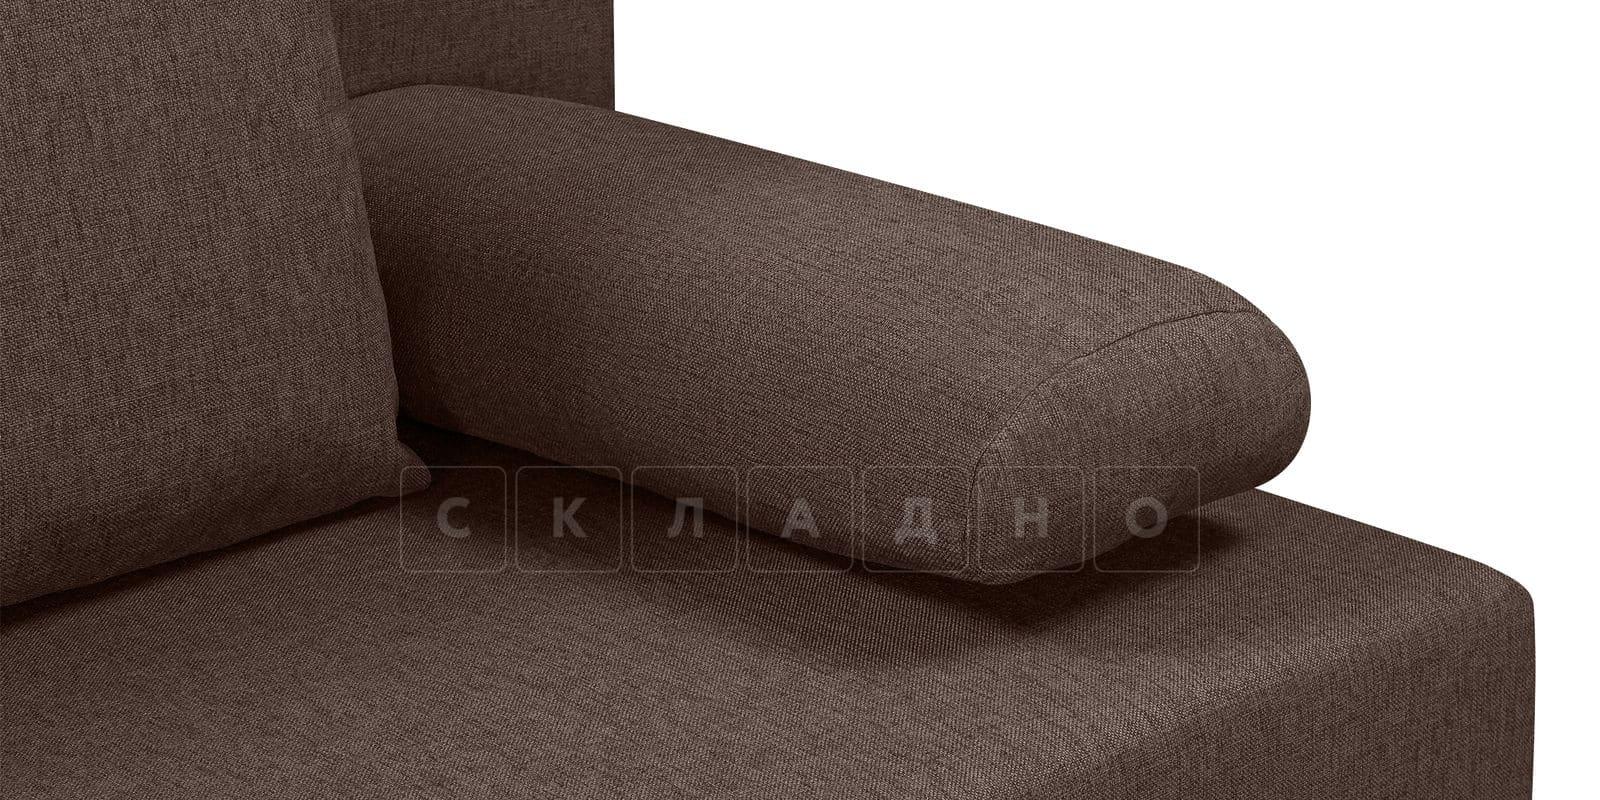 Диван Парма коричневого цвета рогожка фото 5 | интернет-магазин Складно